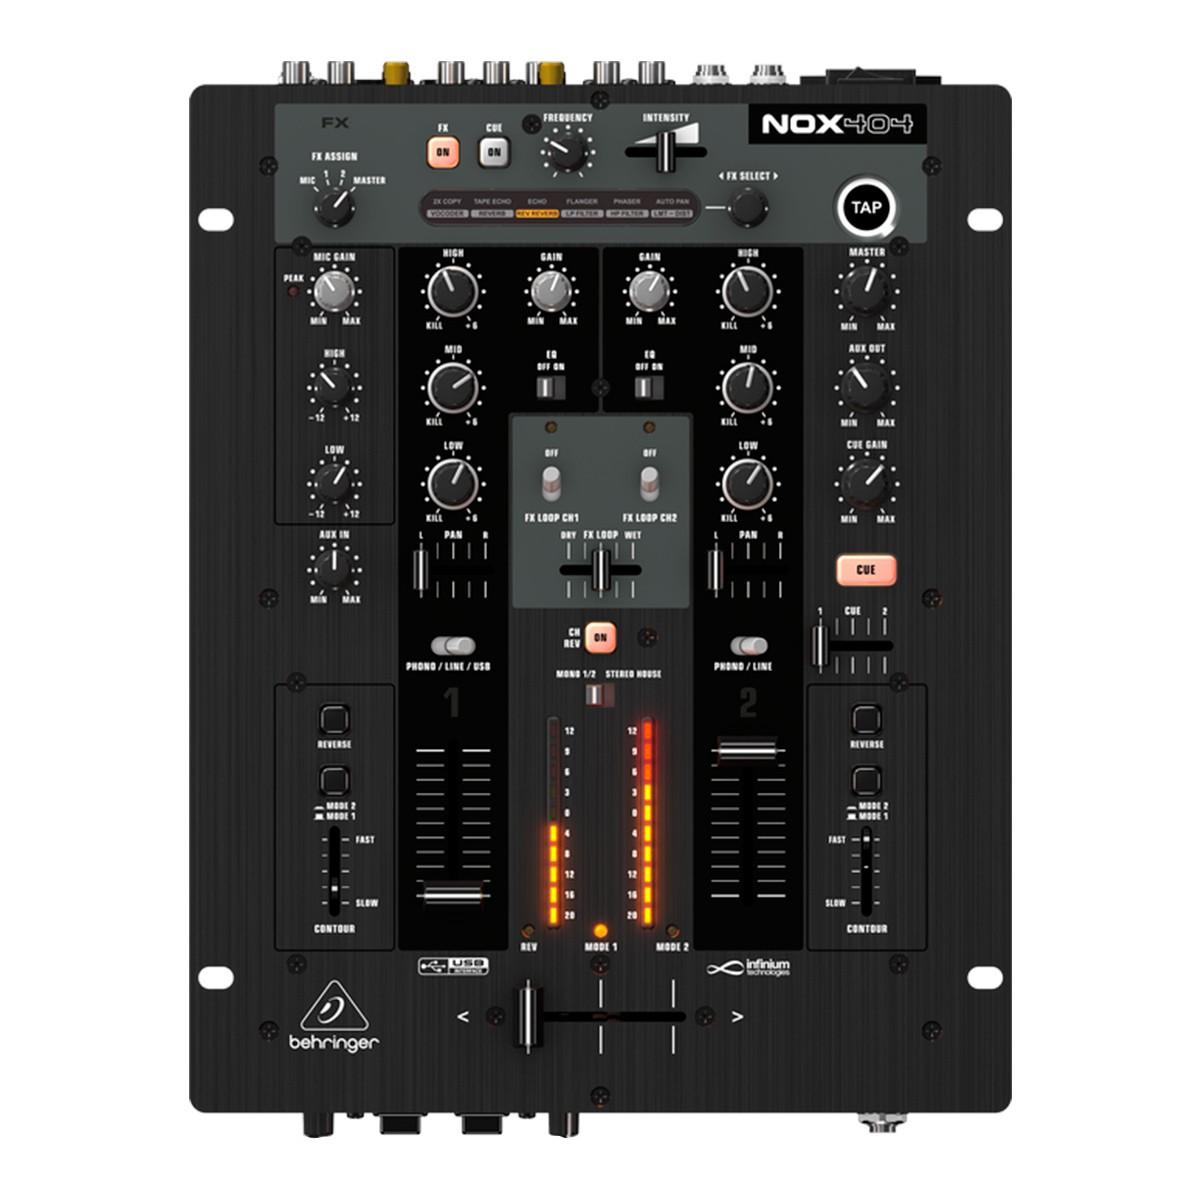 Mixer Dj 2 Canais Pro Mixer NOX 404 - Behringer